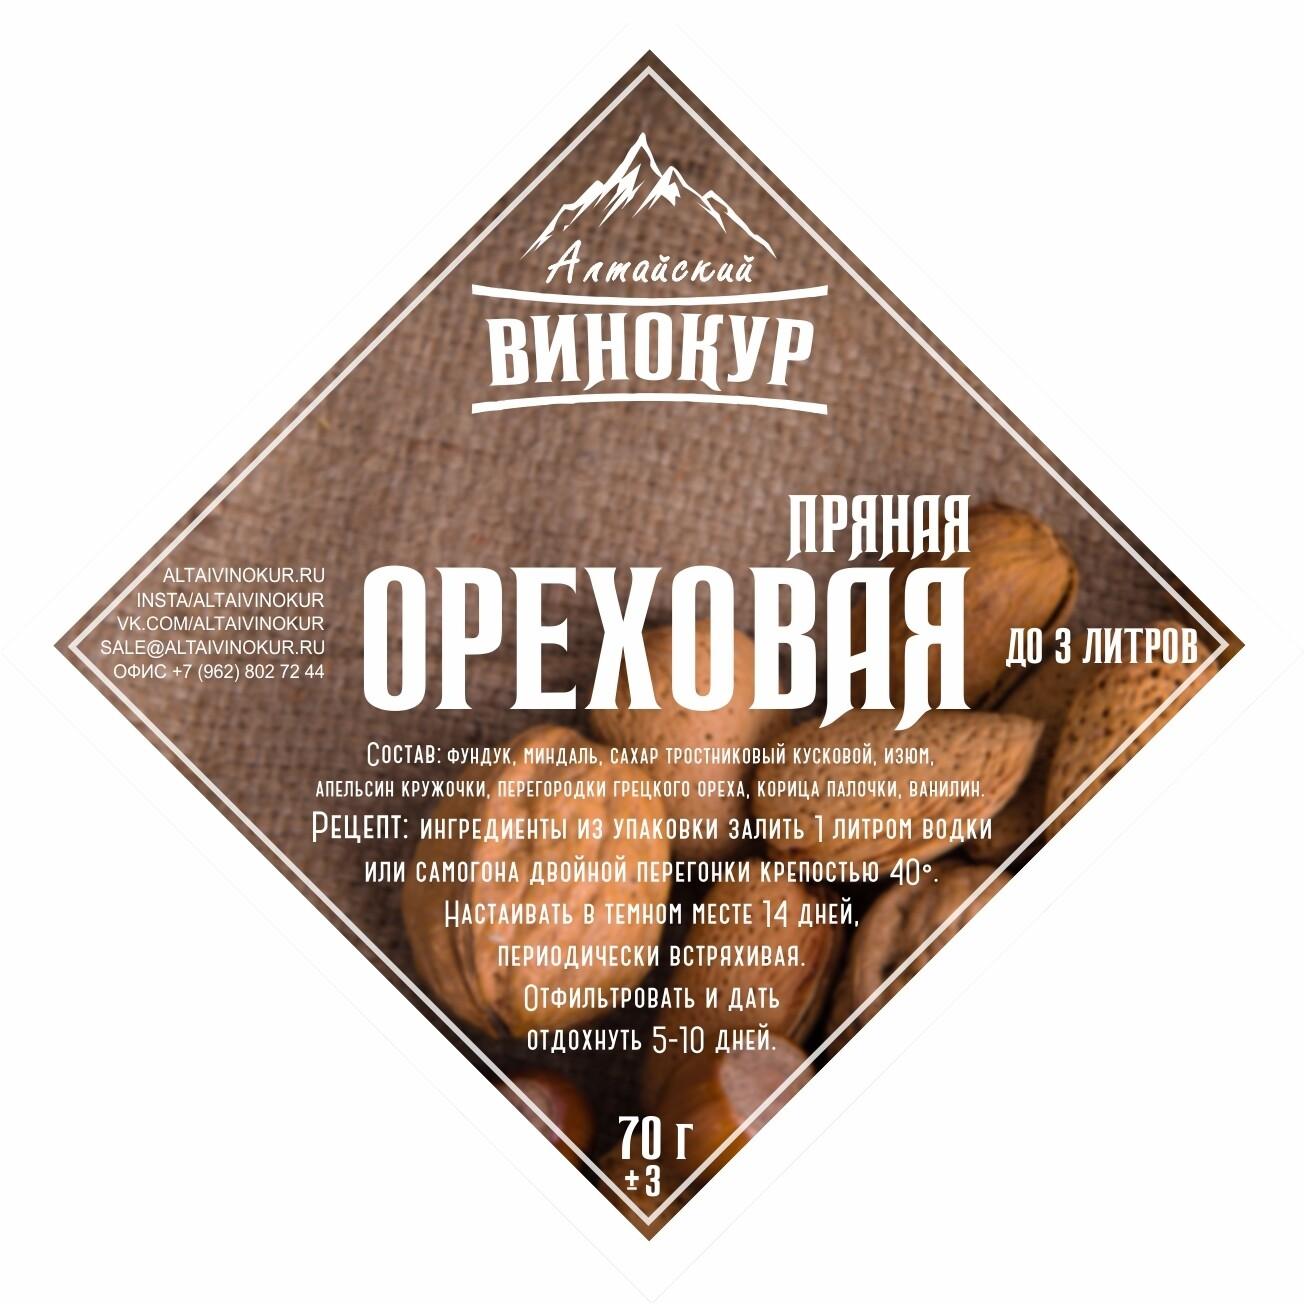 Ореховая Пряная | Набор трав и пряностей